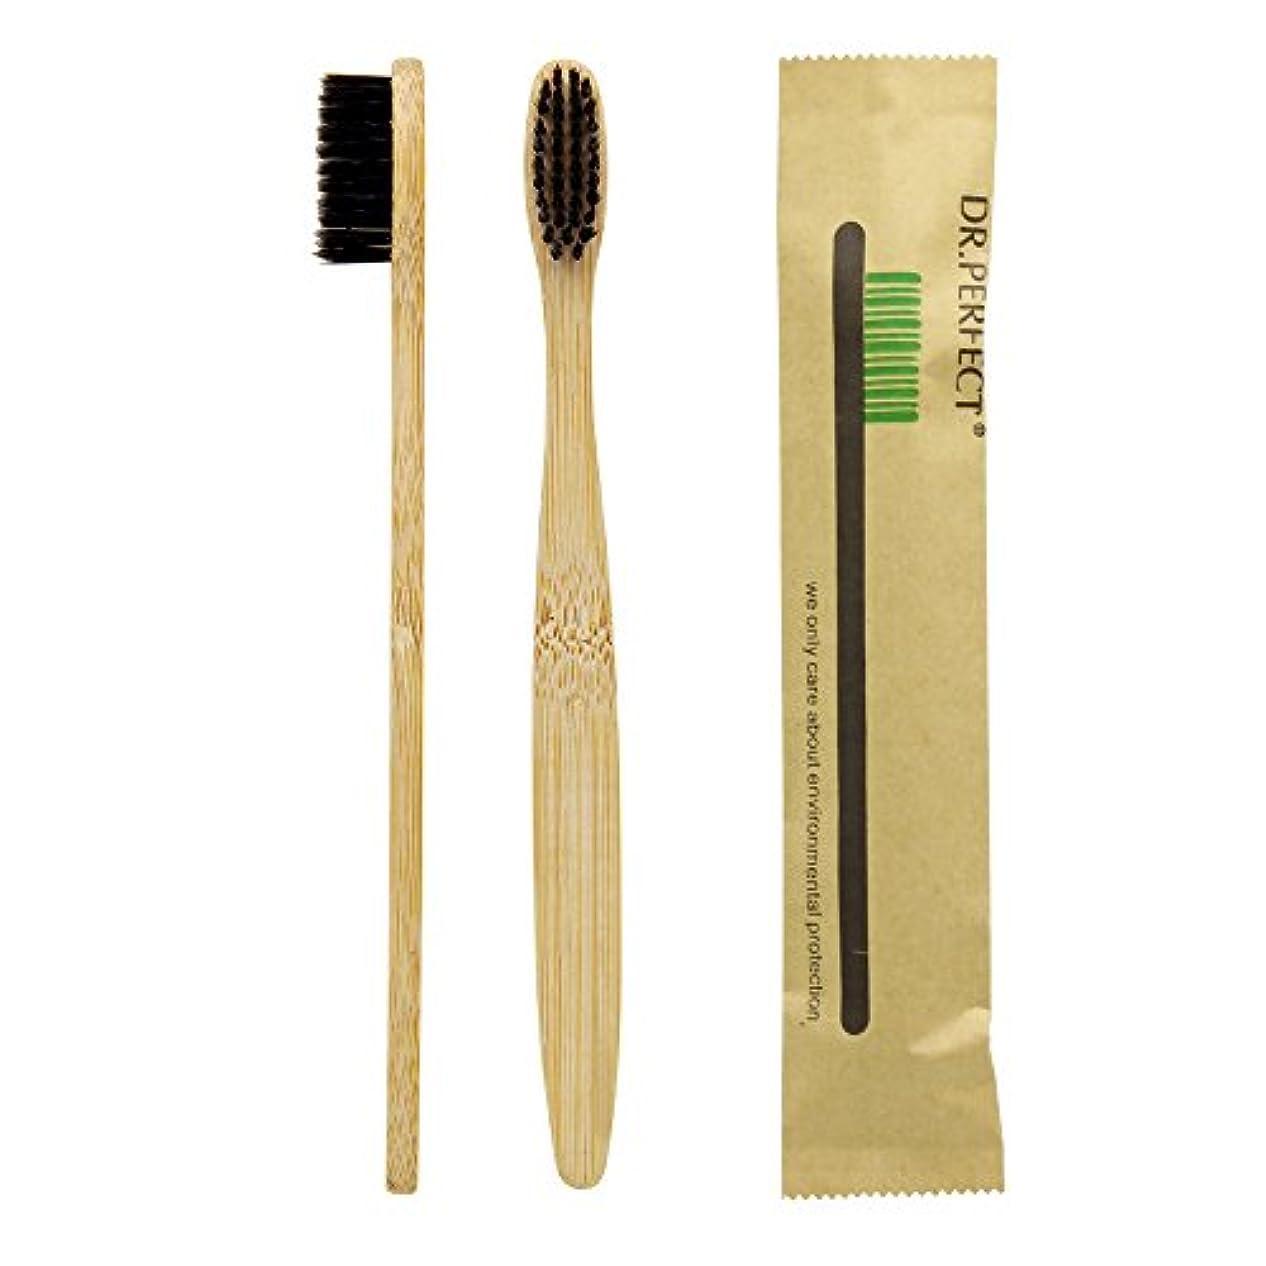 嫌な建物ロンドンDr.Perfect 歯ブラシ 竹歯ブラシアダルト竹の歯ブラシ ナイロン毛 環境保護の歯ブラシ (ブラック)